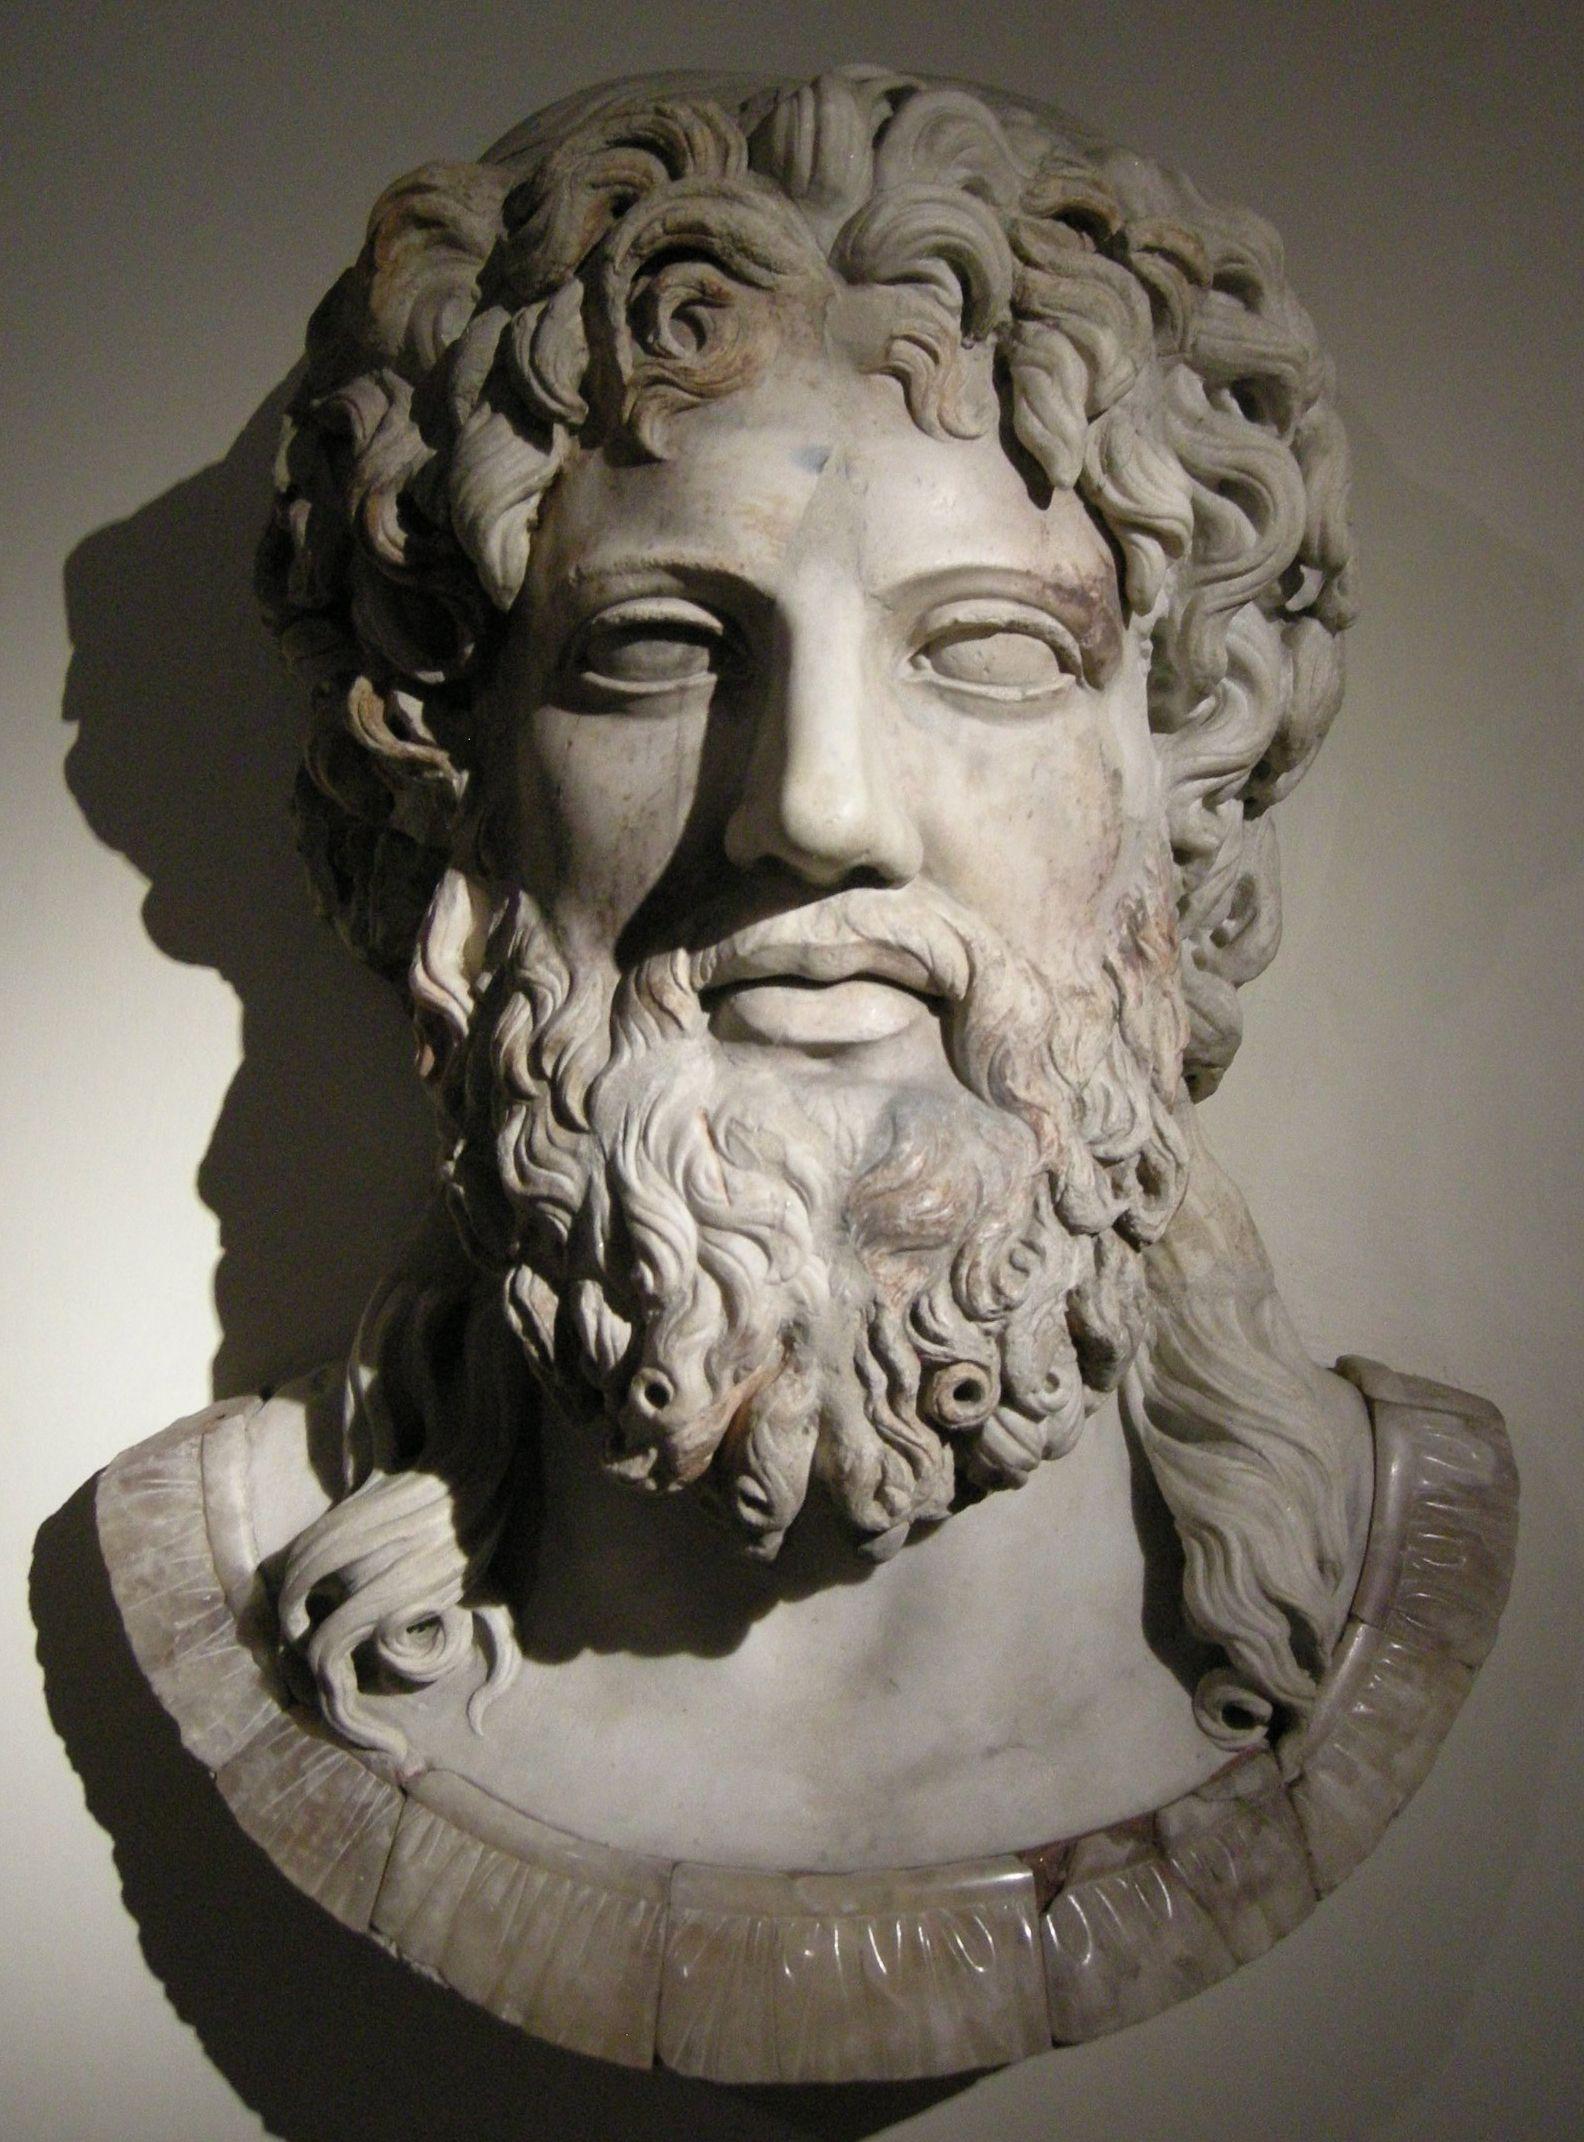 Zeus er den øverste græske gud. Han er den stærkeste, og får respekt for det. Han er en himmelgud, og hans våben er lynet. Zeus er far til et utal af græske helte, heltinder og guder: Herakles med Alkmene, Perseus med Danae, Minos, Rhadamanthys med Europe (osv). Derudover Apollon og Artemis med Leto, Hermes med Maia, Dionysos med Semele (dødelig), Athene og Ares med Hera. Med sine søskende og børn udkæmper han det sidste opgør blandt guder. Zeus sejrer, og verdensordenen sikres.